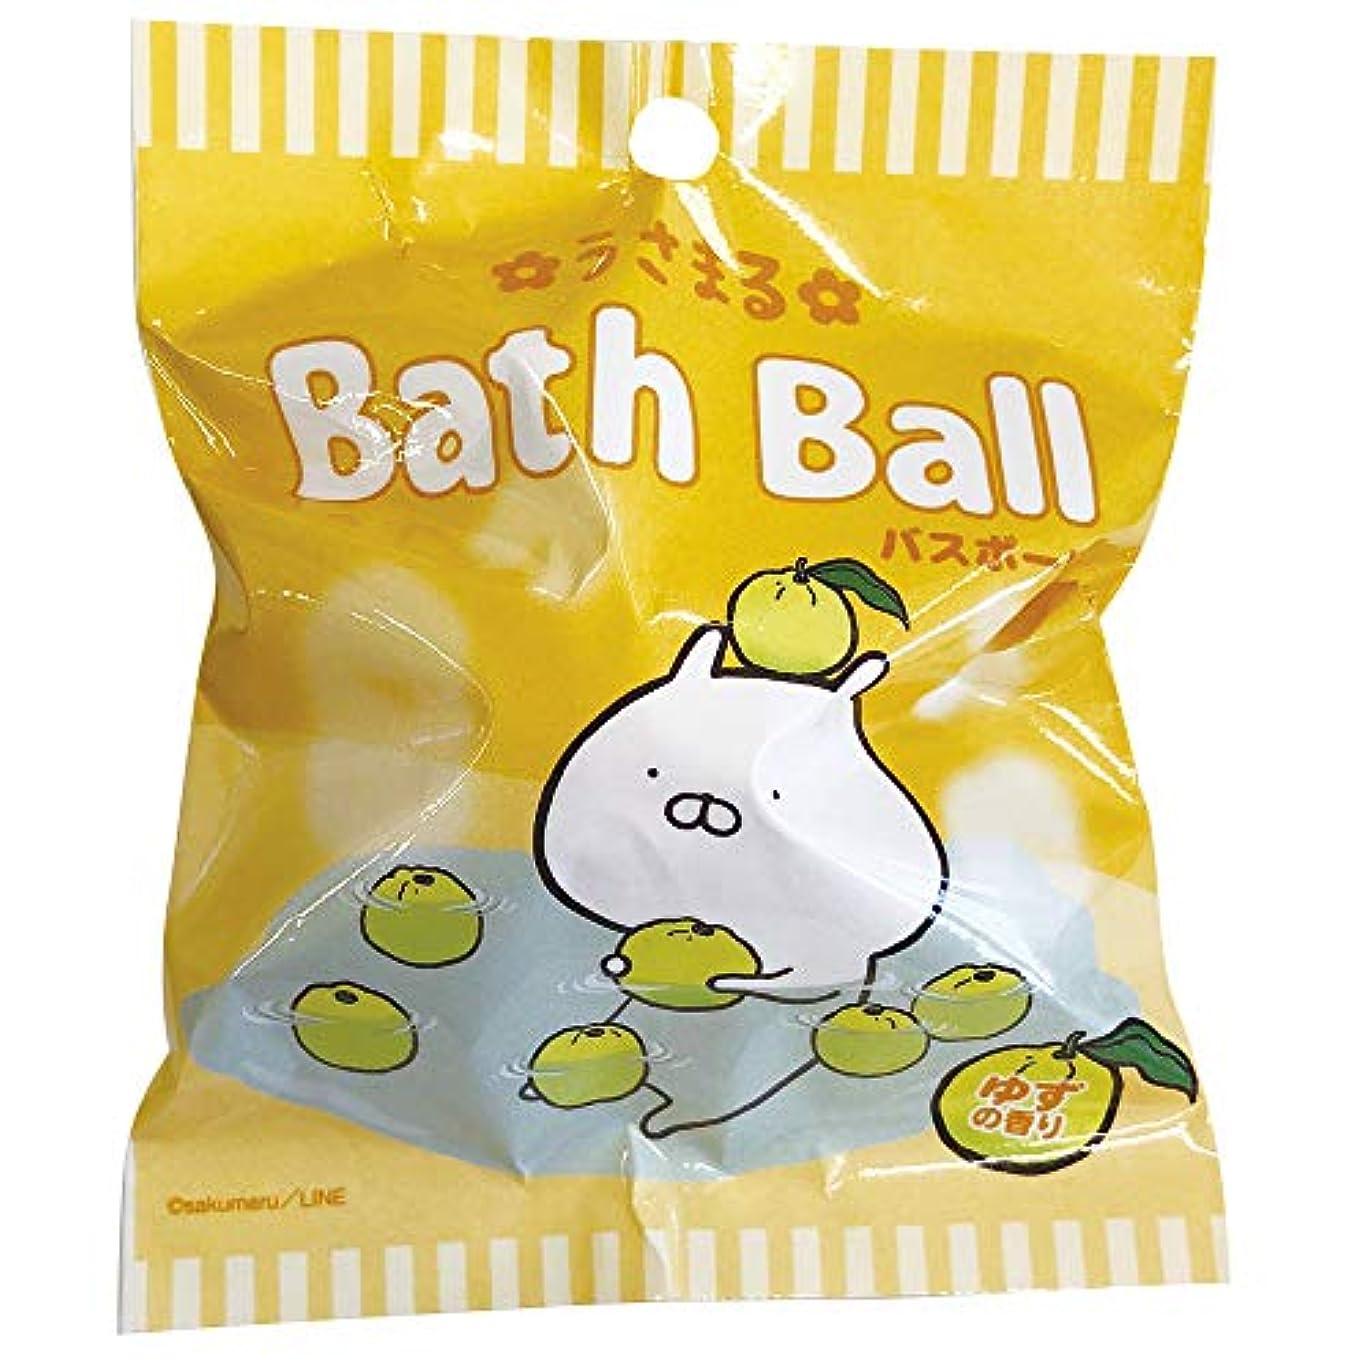 サージ可能宙返りうさまる 入浴剤 バスボール おまけ付き ゆずの香り 60g ABD-020-001